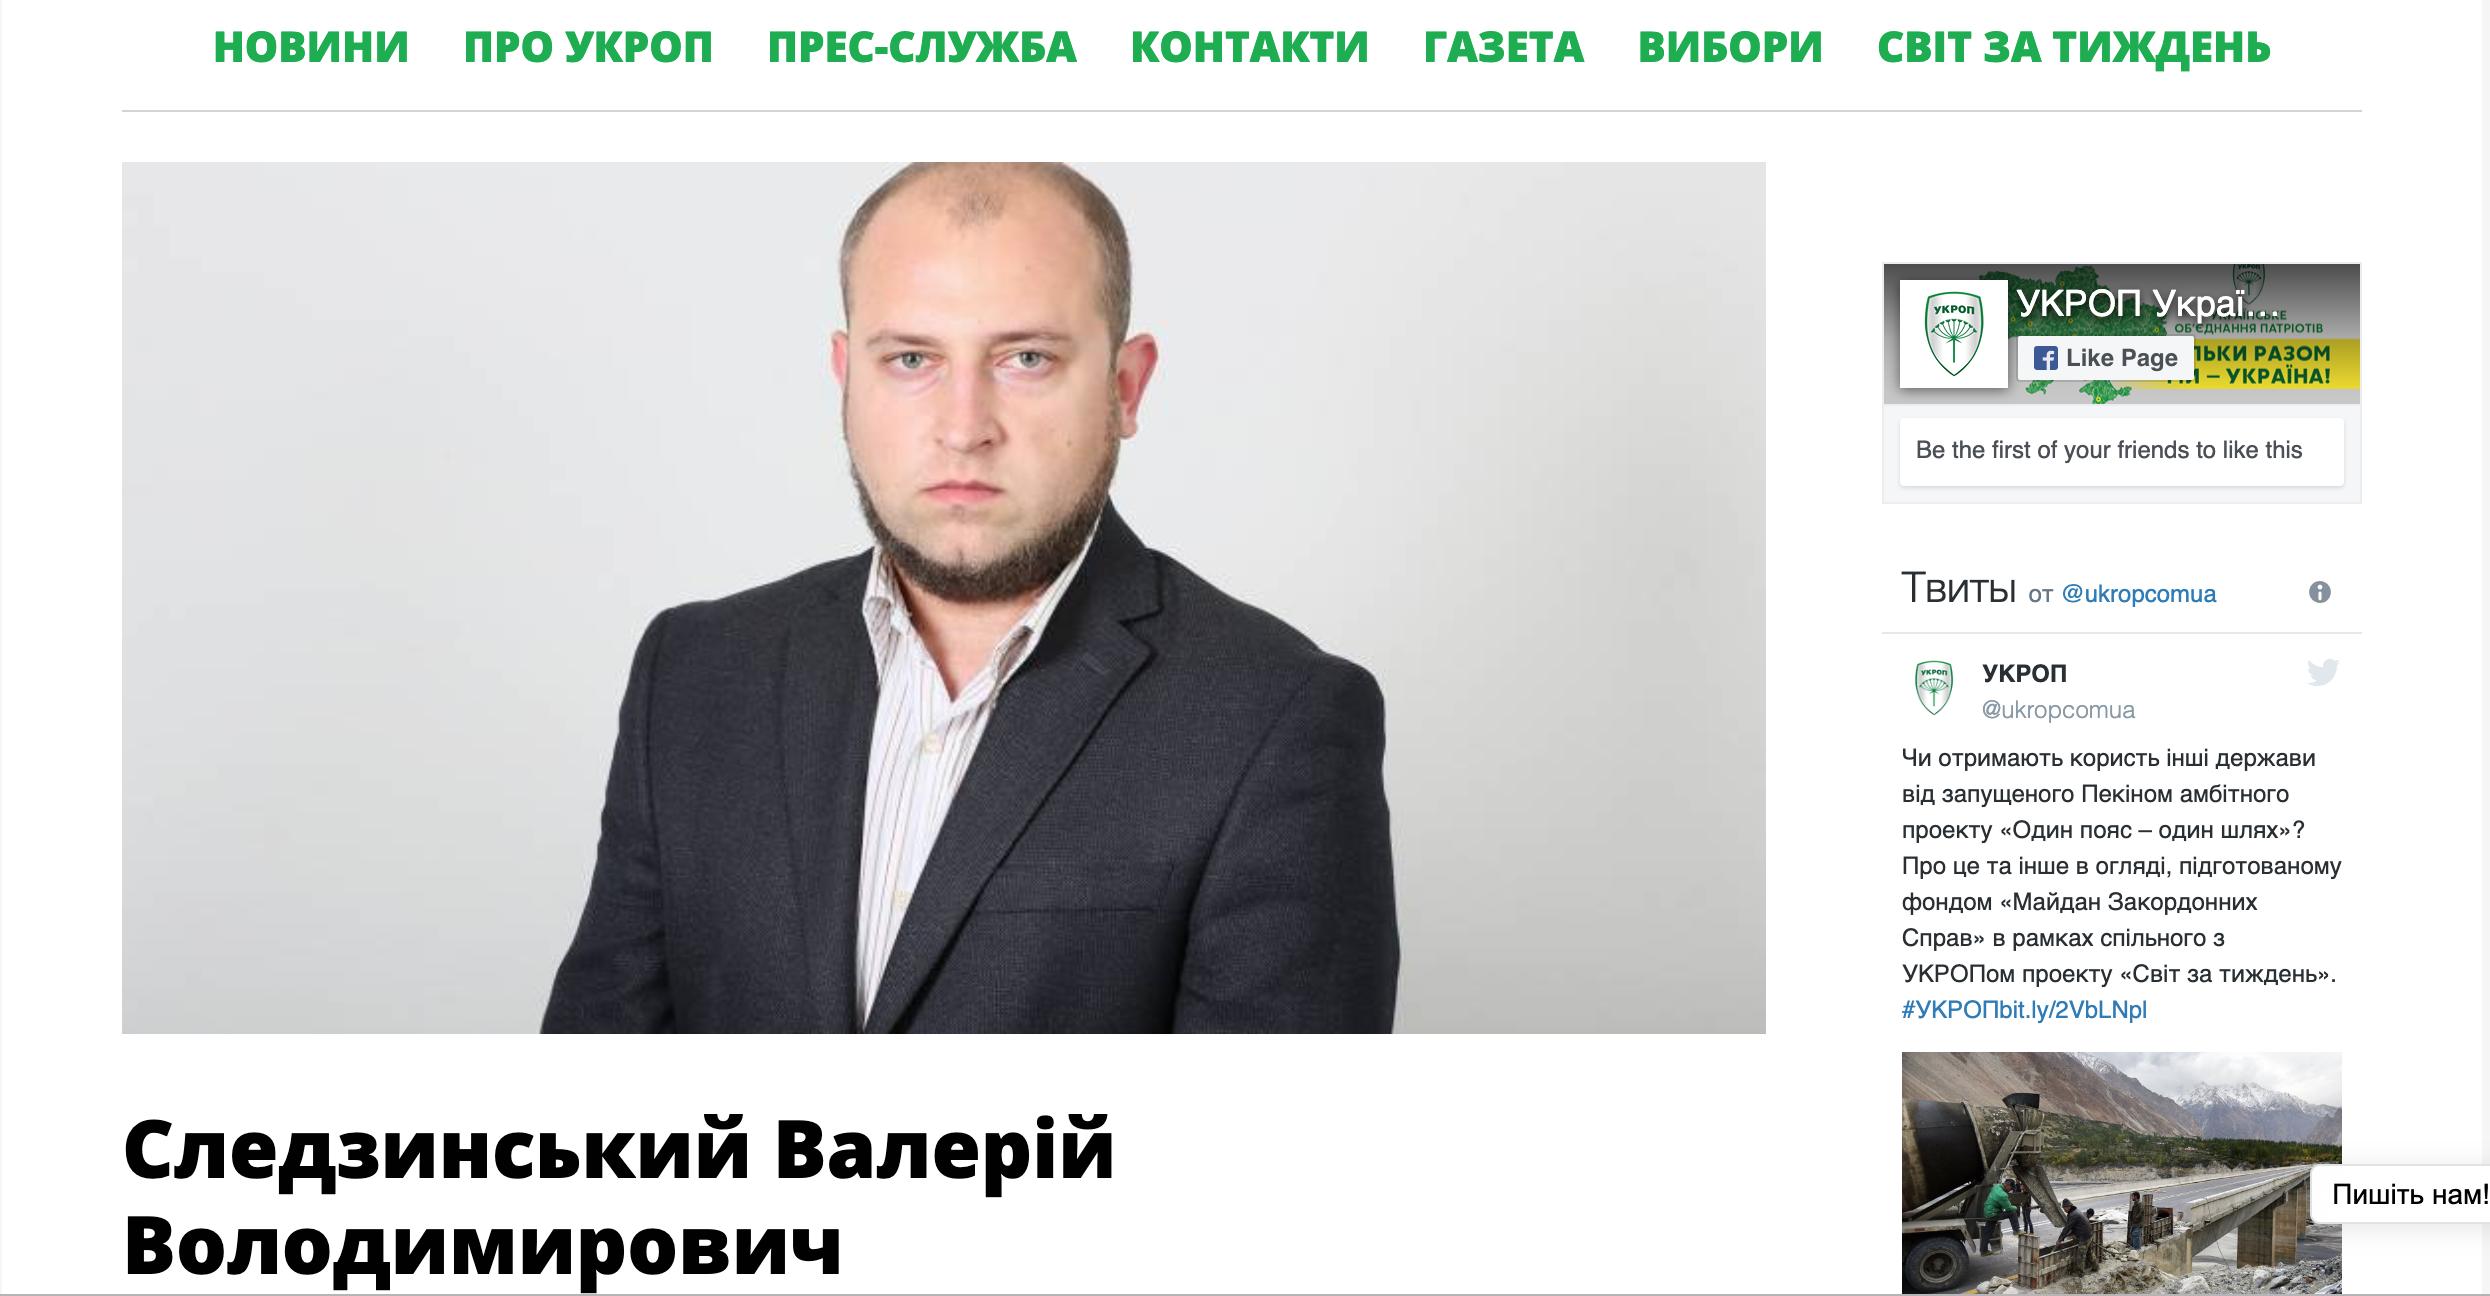 Валерий Следзинский